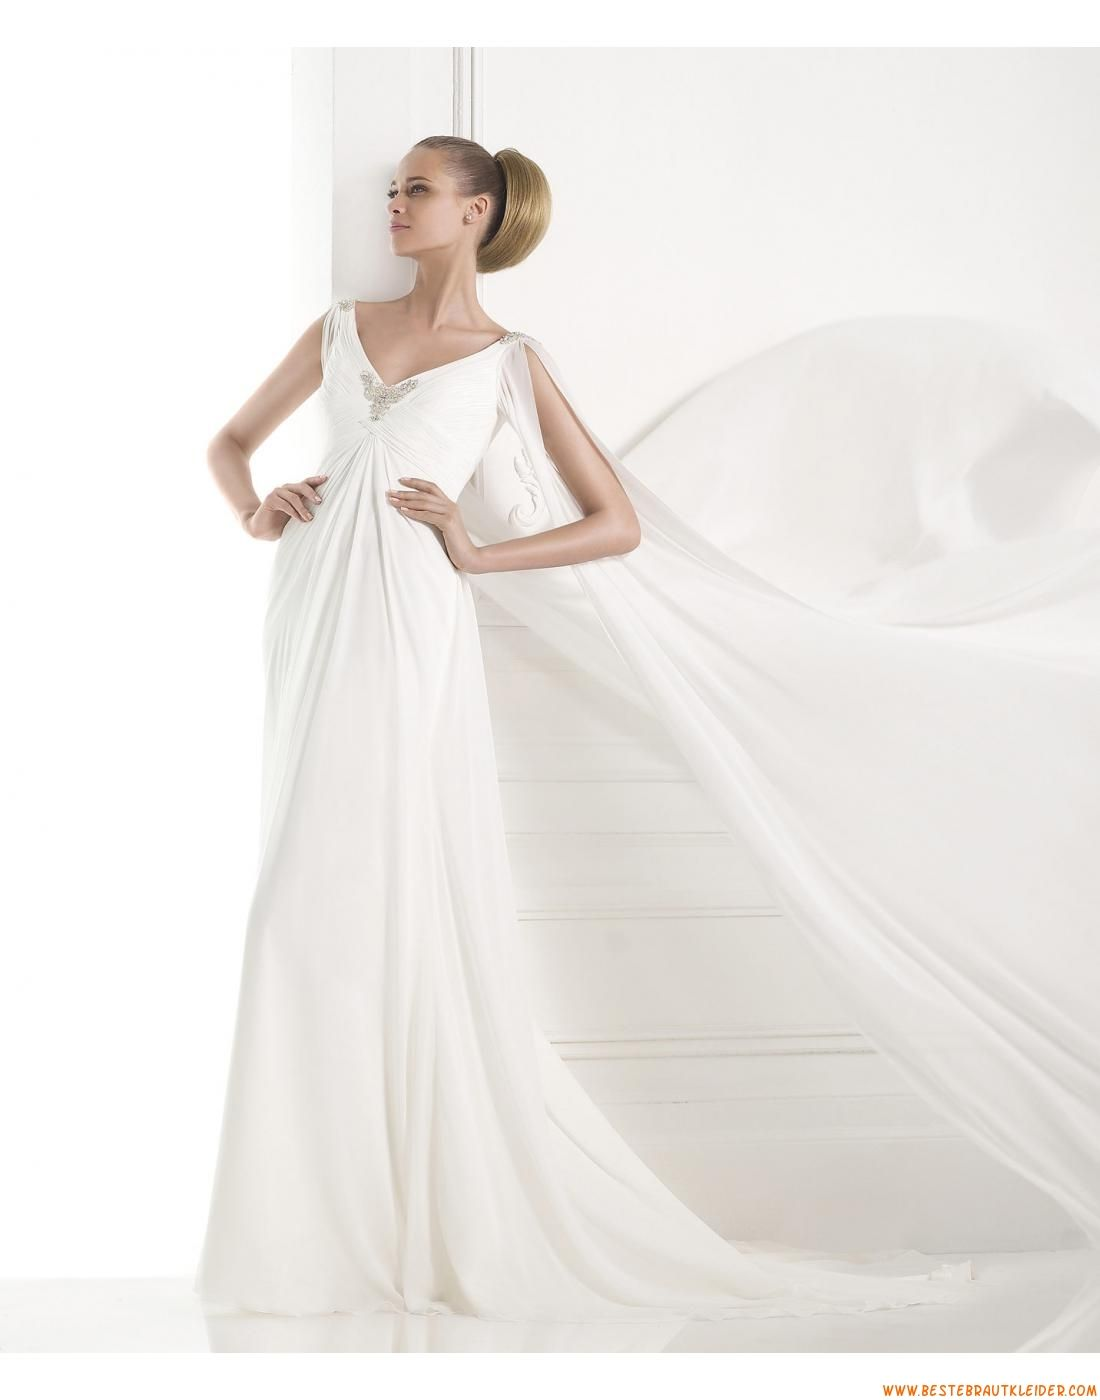 Ziemlich Auslauf Brautkleider Galerie - Brautkleider Ideen ...